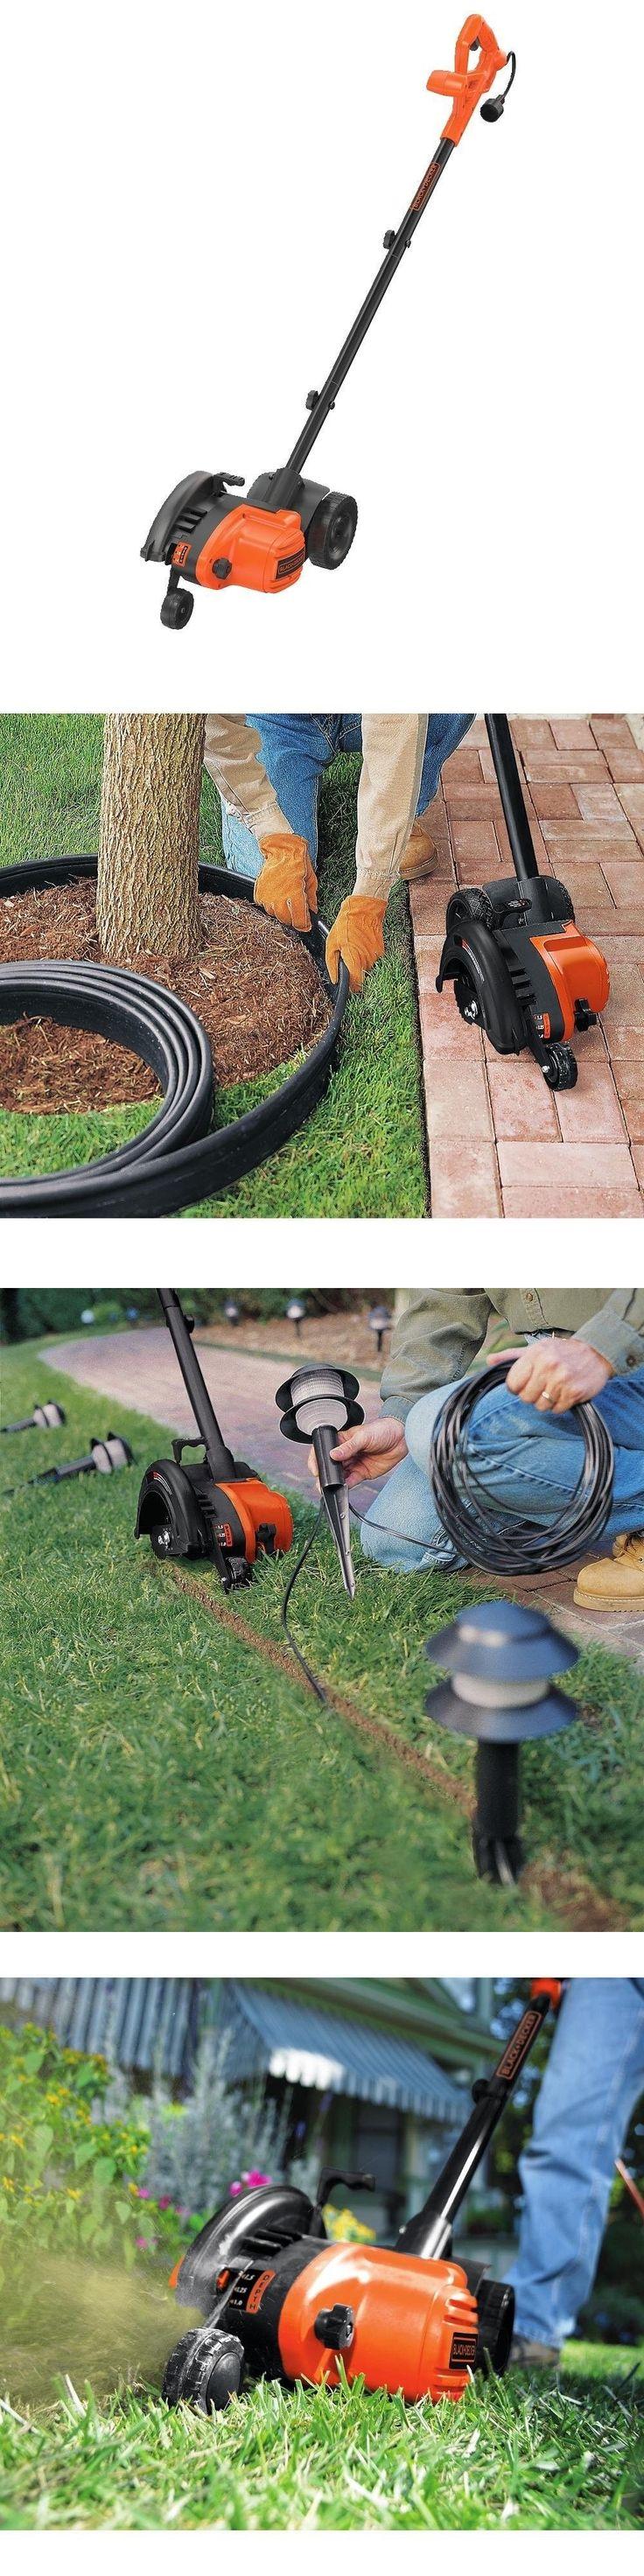 Home amp garden gt yard garden amp outdoor living gt patio amp garden - Edgers 71266 New Mower Electric Edger Trencher Trimmer Edge Hog Grass Cutter Lawn Garden Yard